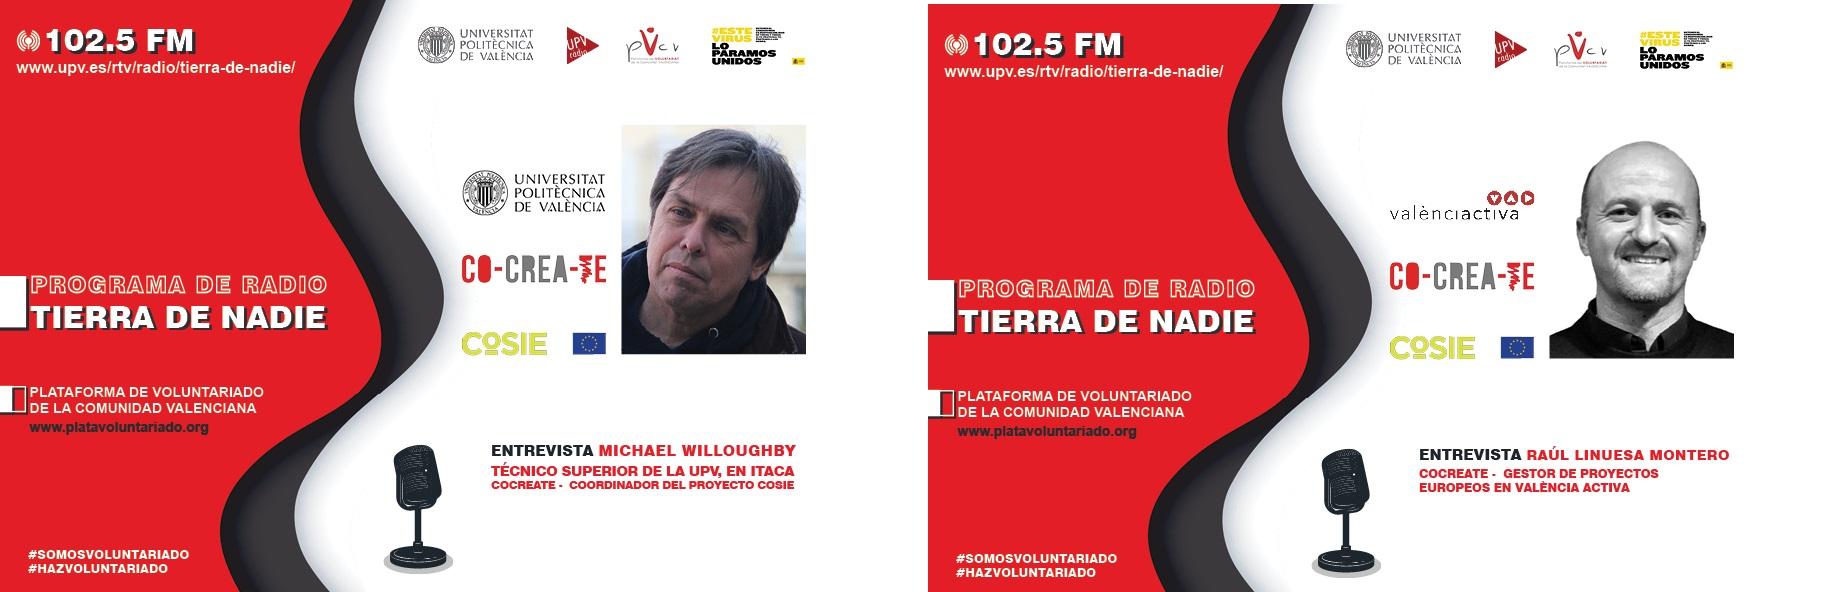 ENTREVISTA EN RADIO UPV TIERRA DE NADIE TECNICOS COCREATE